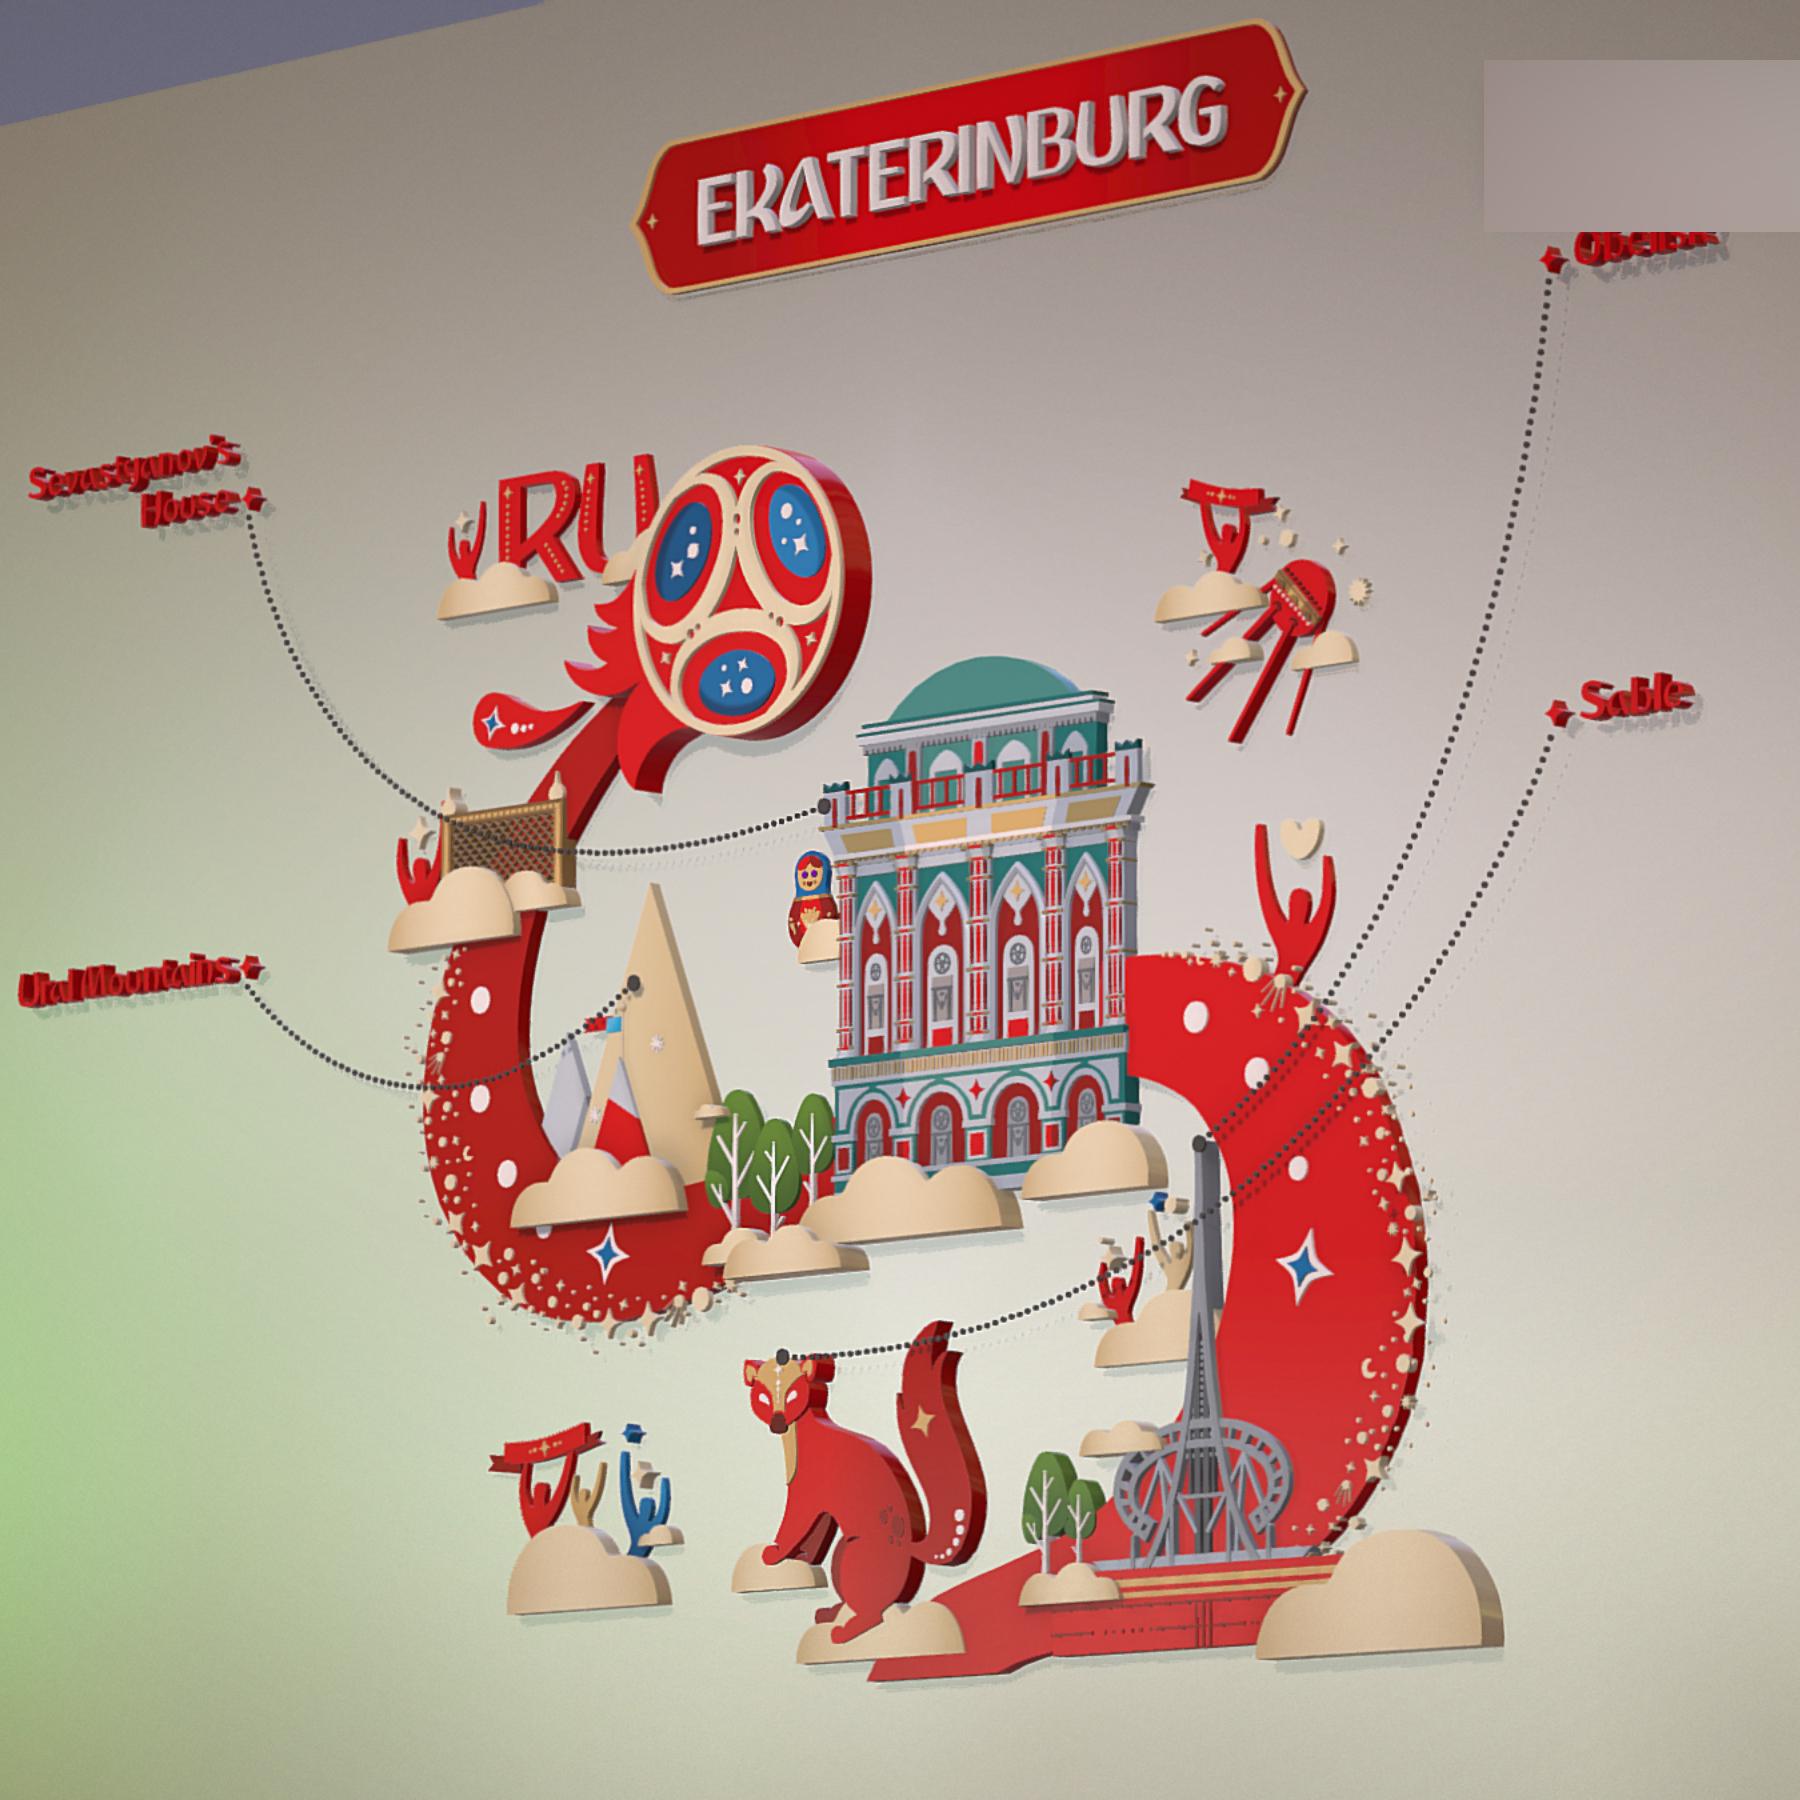 fifa wold cup 2018 russia host city ekaterinburg 3d model max  fbx jpeg jpg ma mb obj 271360